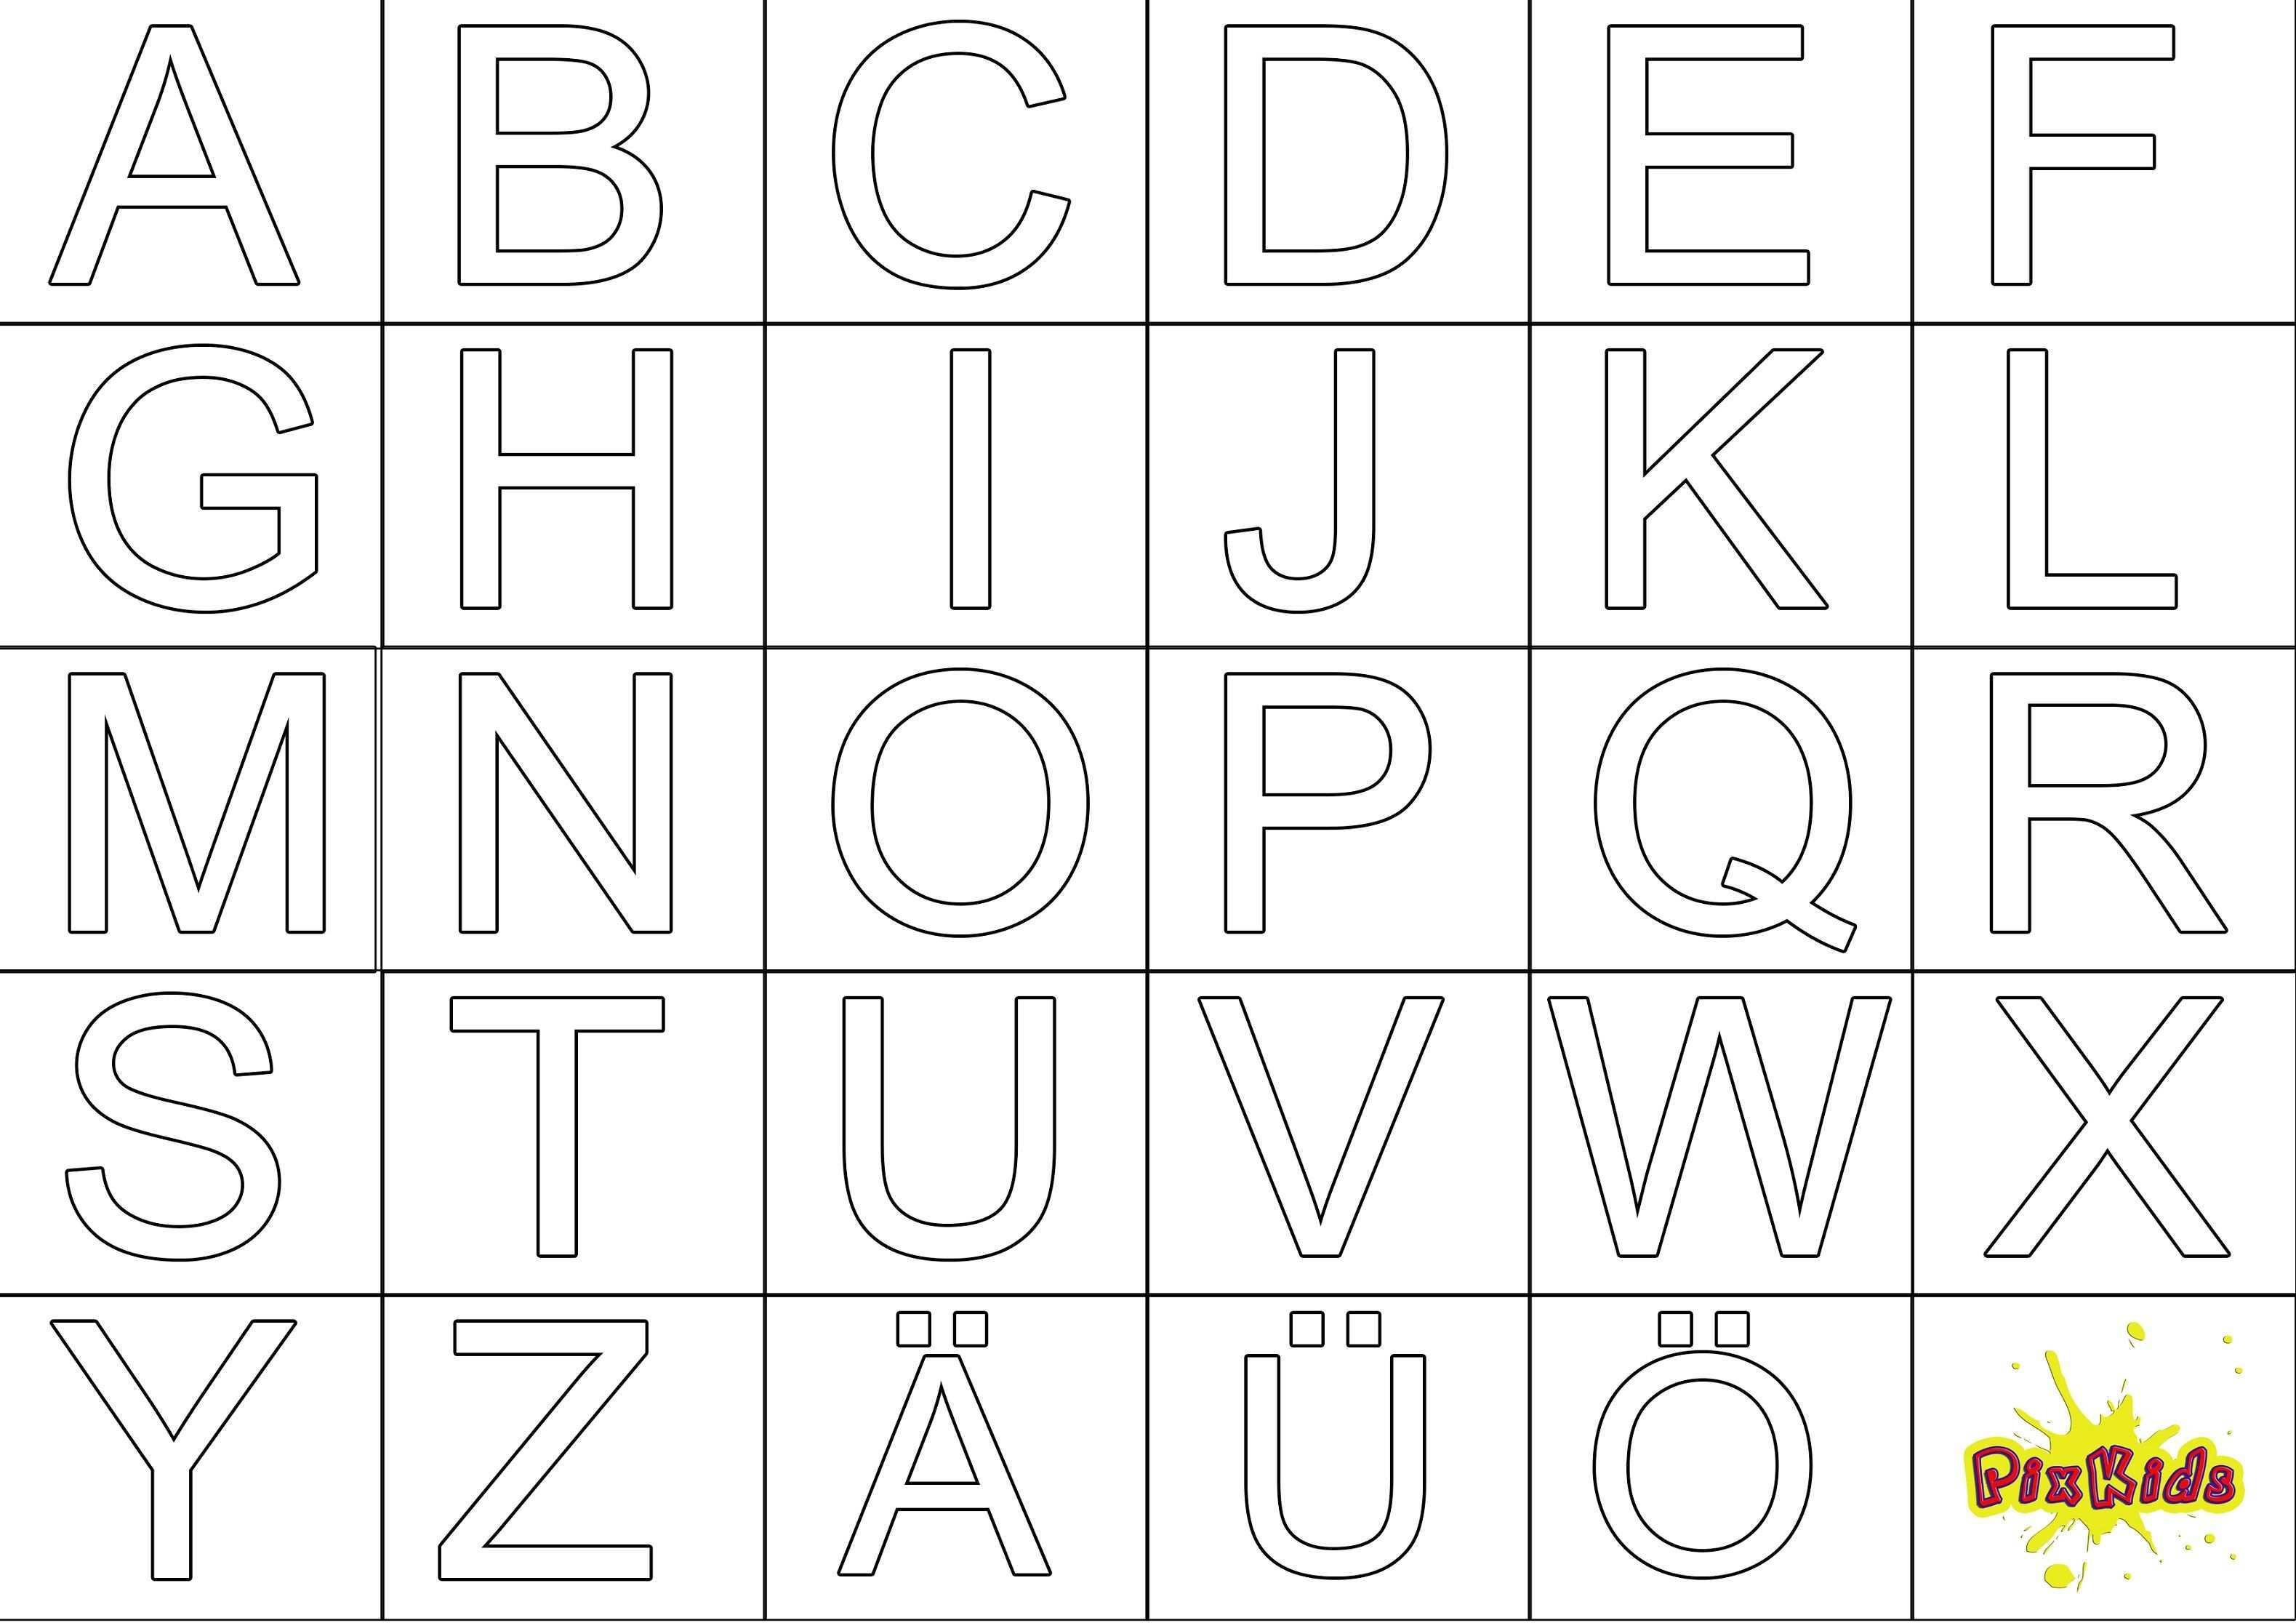 Ausmalbilder Alphabet Ausdrucken Http Www Ausmalbilder Co Ausmalbilder A Buchstaben Vorlagen Zum Ausdrucken Ausmalbilder Zum Ausdrucken Alphabet Malvorlagen